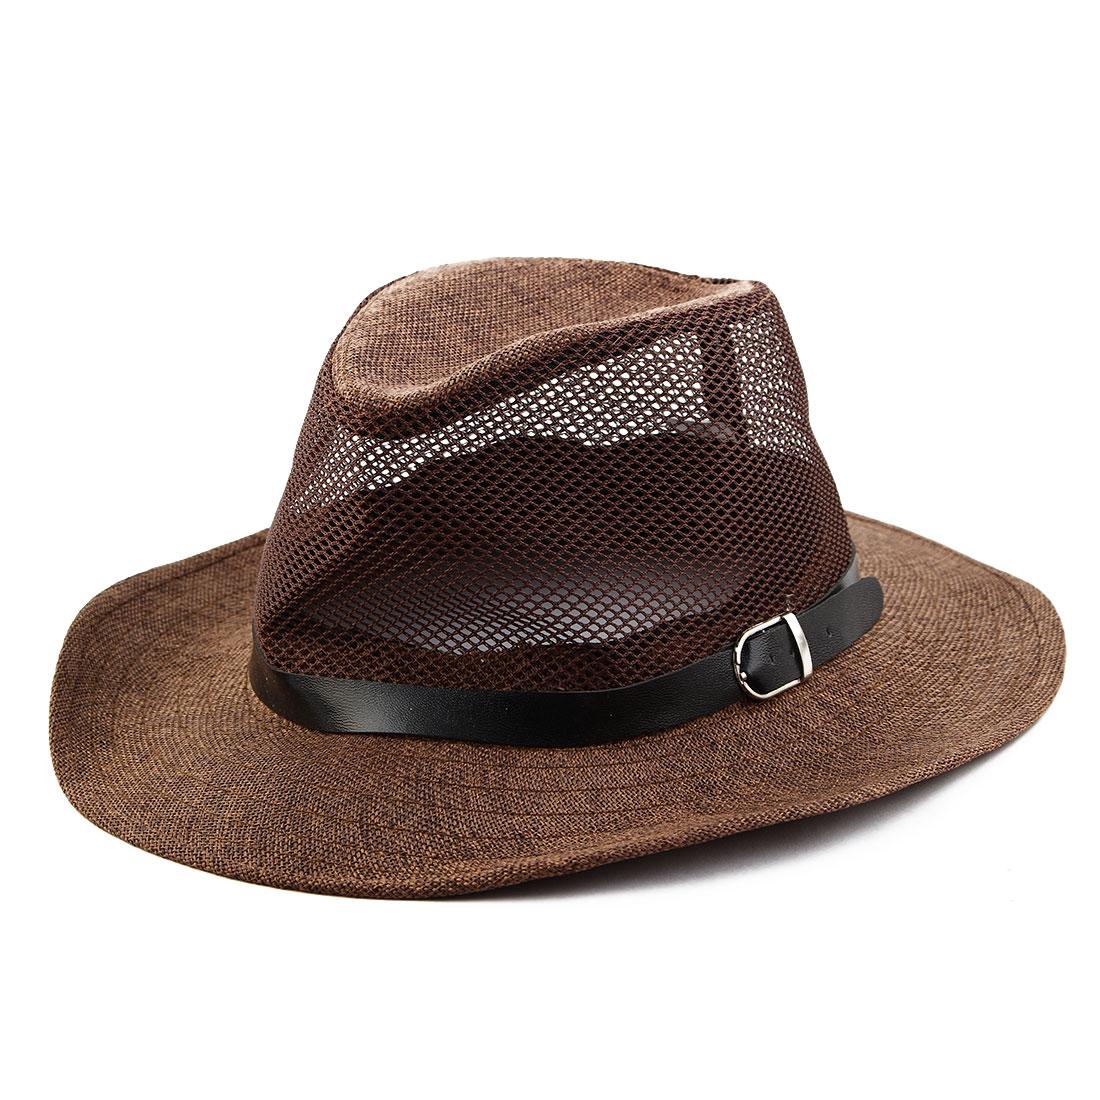 Summer Outdoor Linen Wide Brim Beach Mesh Cap Net Sunhat Cowboy Hat Coffee Color